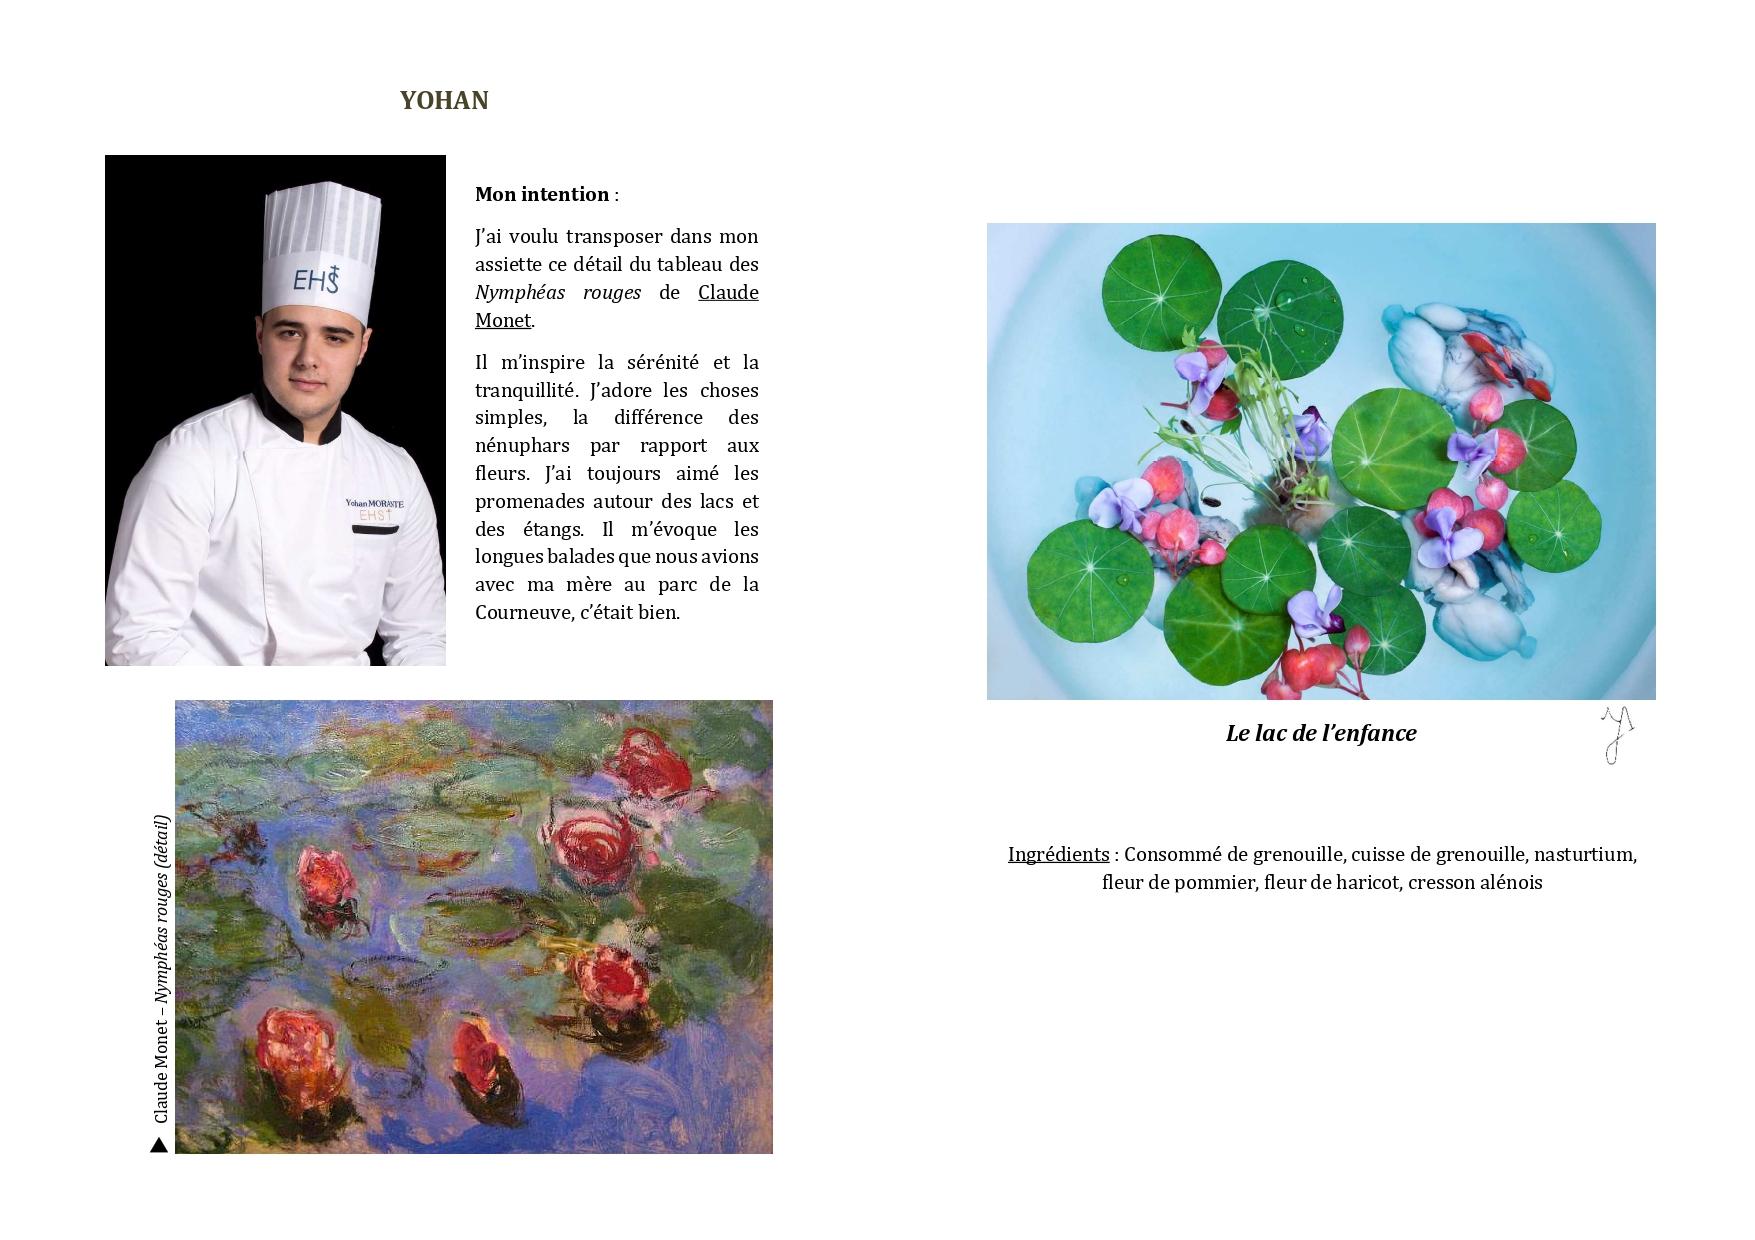 Fondation Foujita - Livret Projet L'Art dans l'Assiette 2018-2019 sur 2 pages-13_page-0001